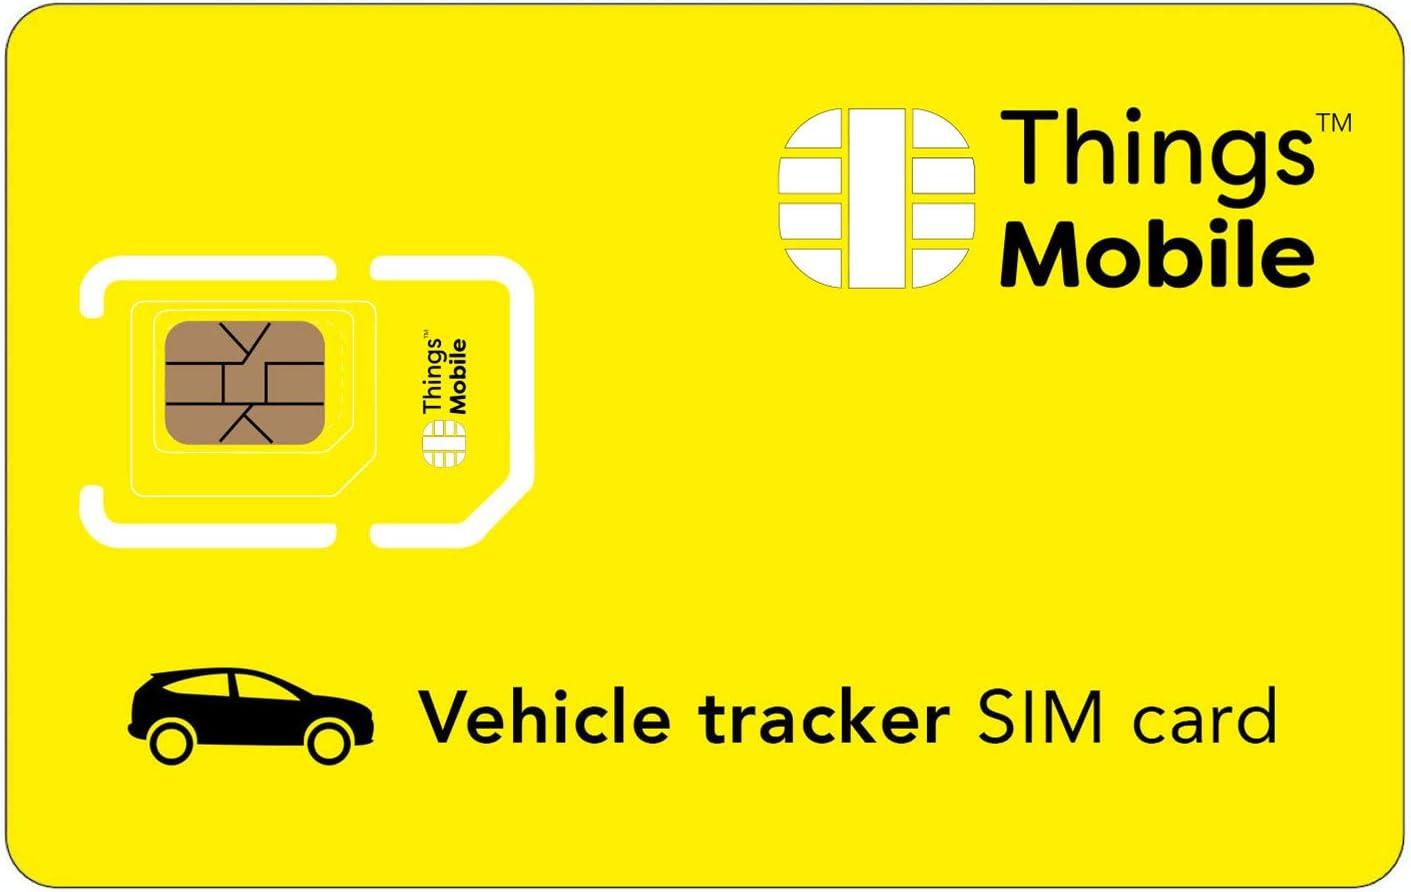 Tarjeta SIM para LOCALIZADOR / TRACKER GPS de COCHES - Things Mobile - con cobertura global y red multioperador GSM/2G/3G/4G, sin costes fijos y con tarifas competitivas. 10 € de crédito incluido